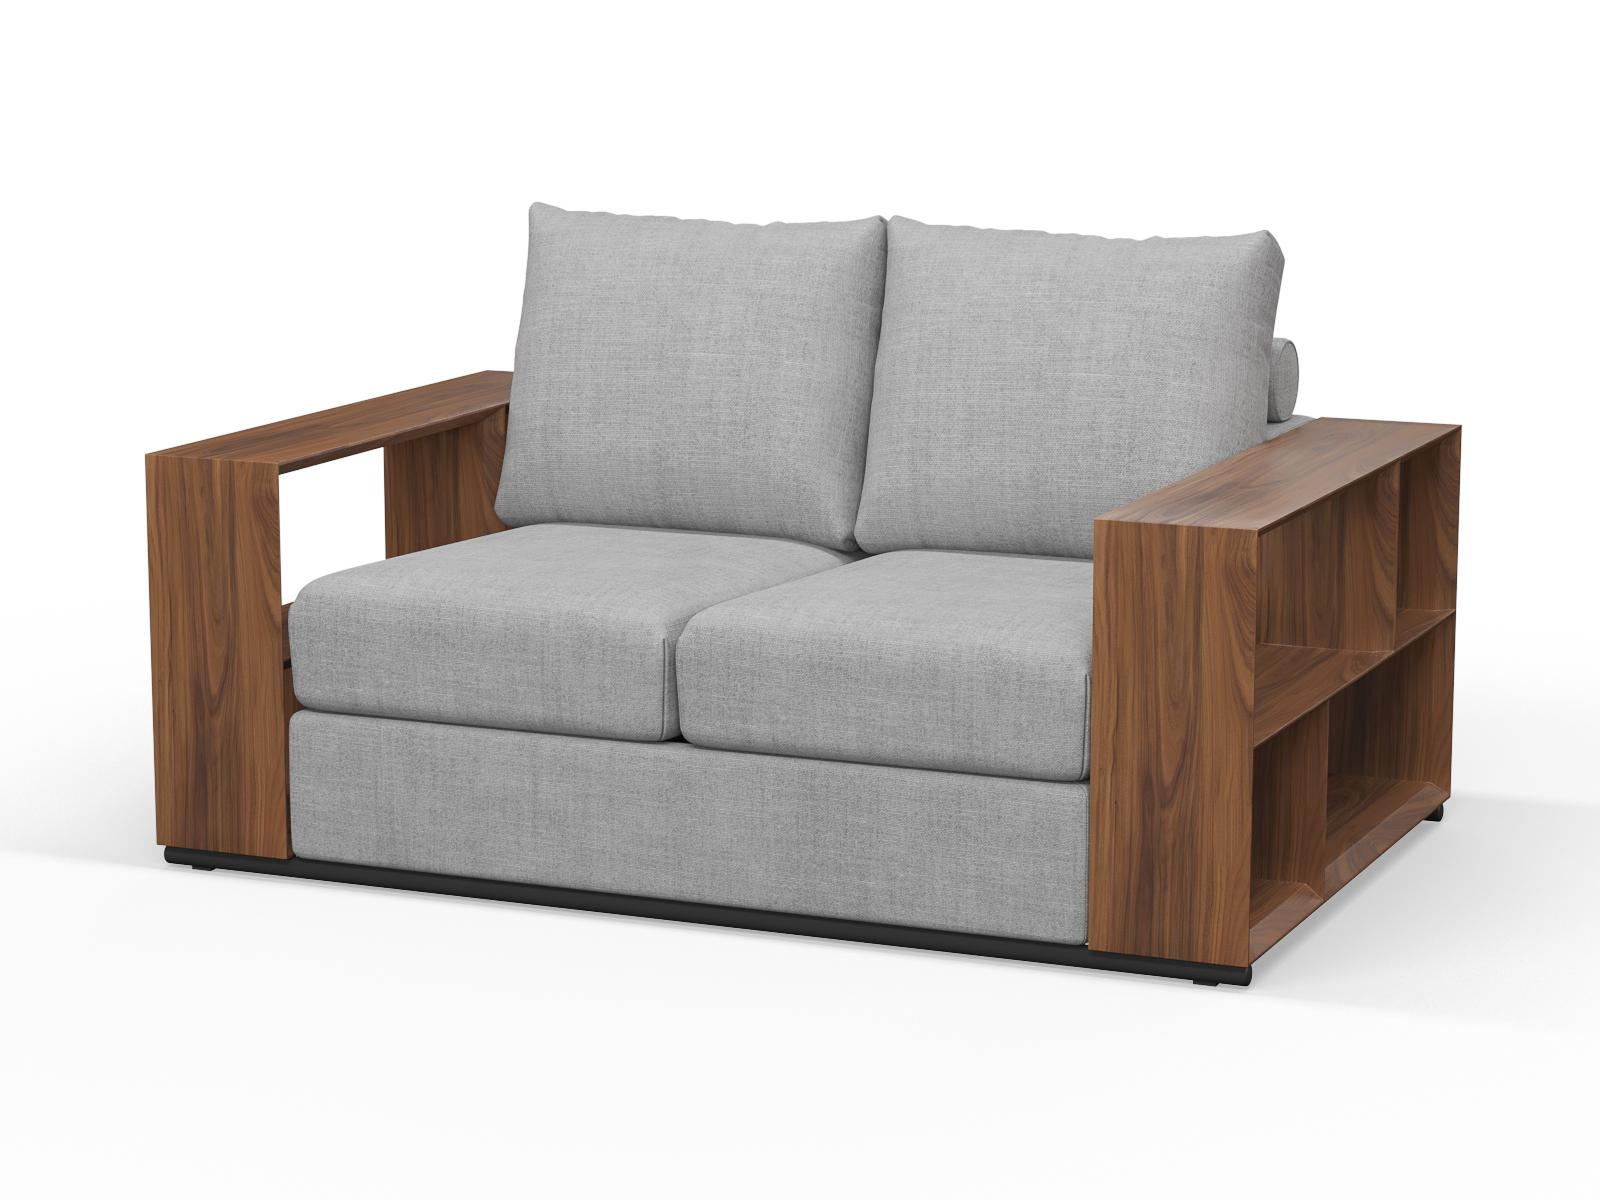 160cm x 100cm LTA RTA Walnut Timber